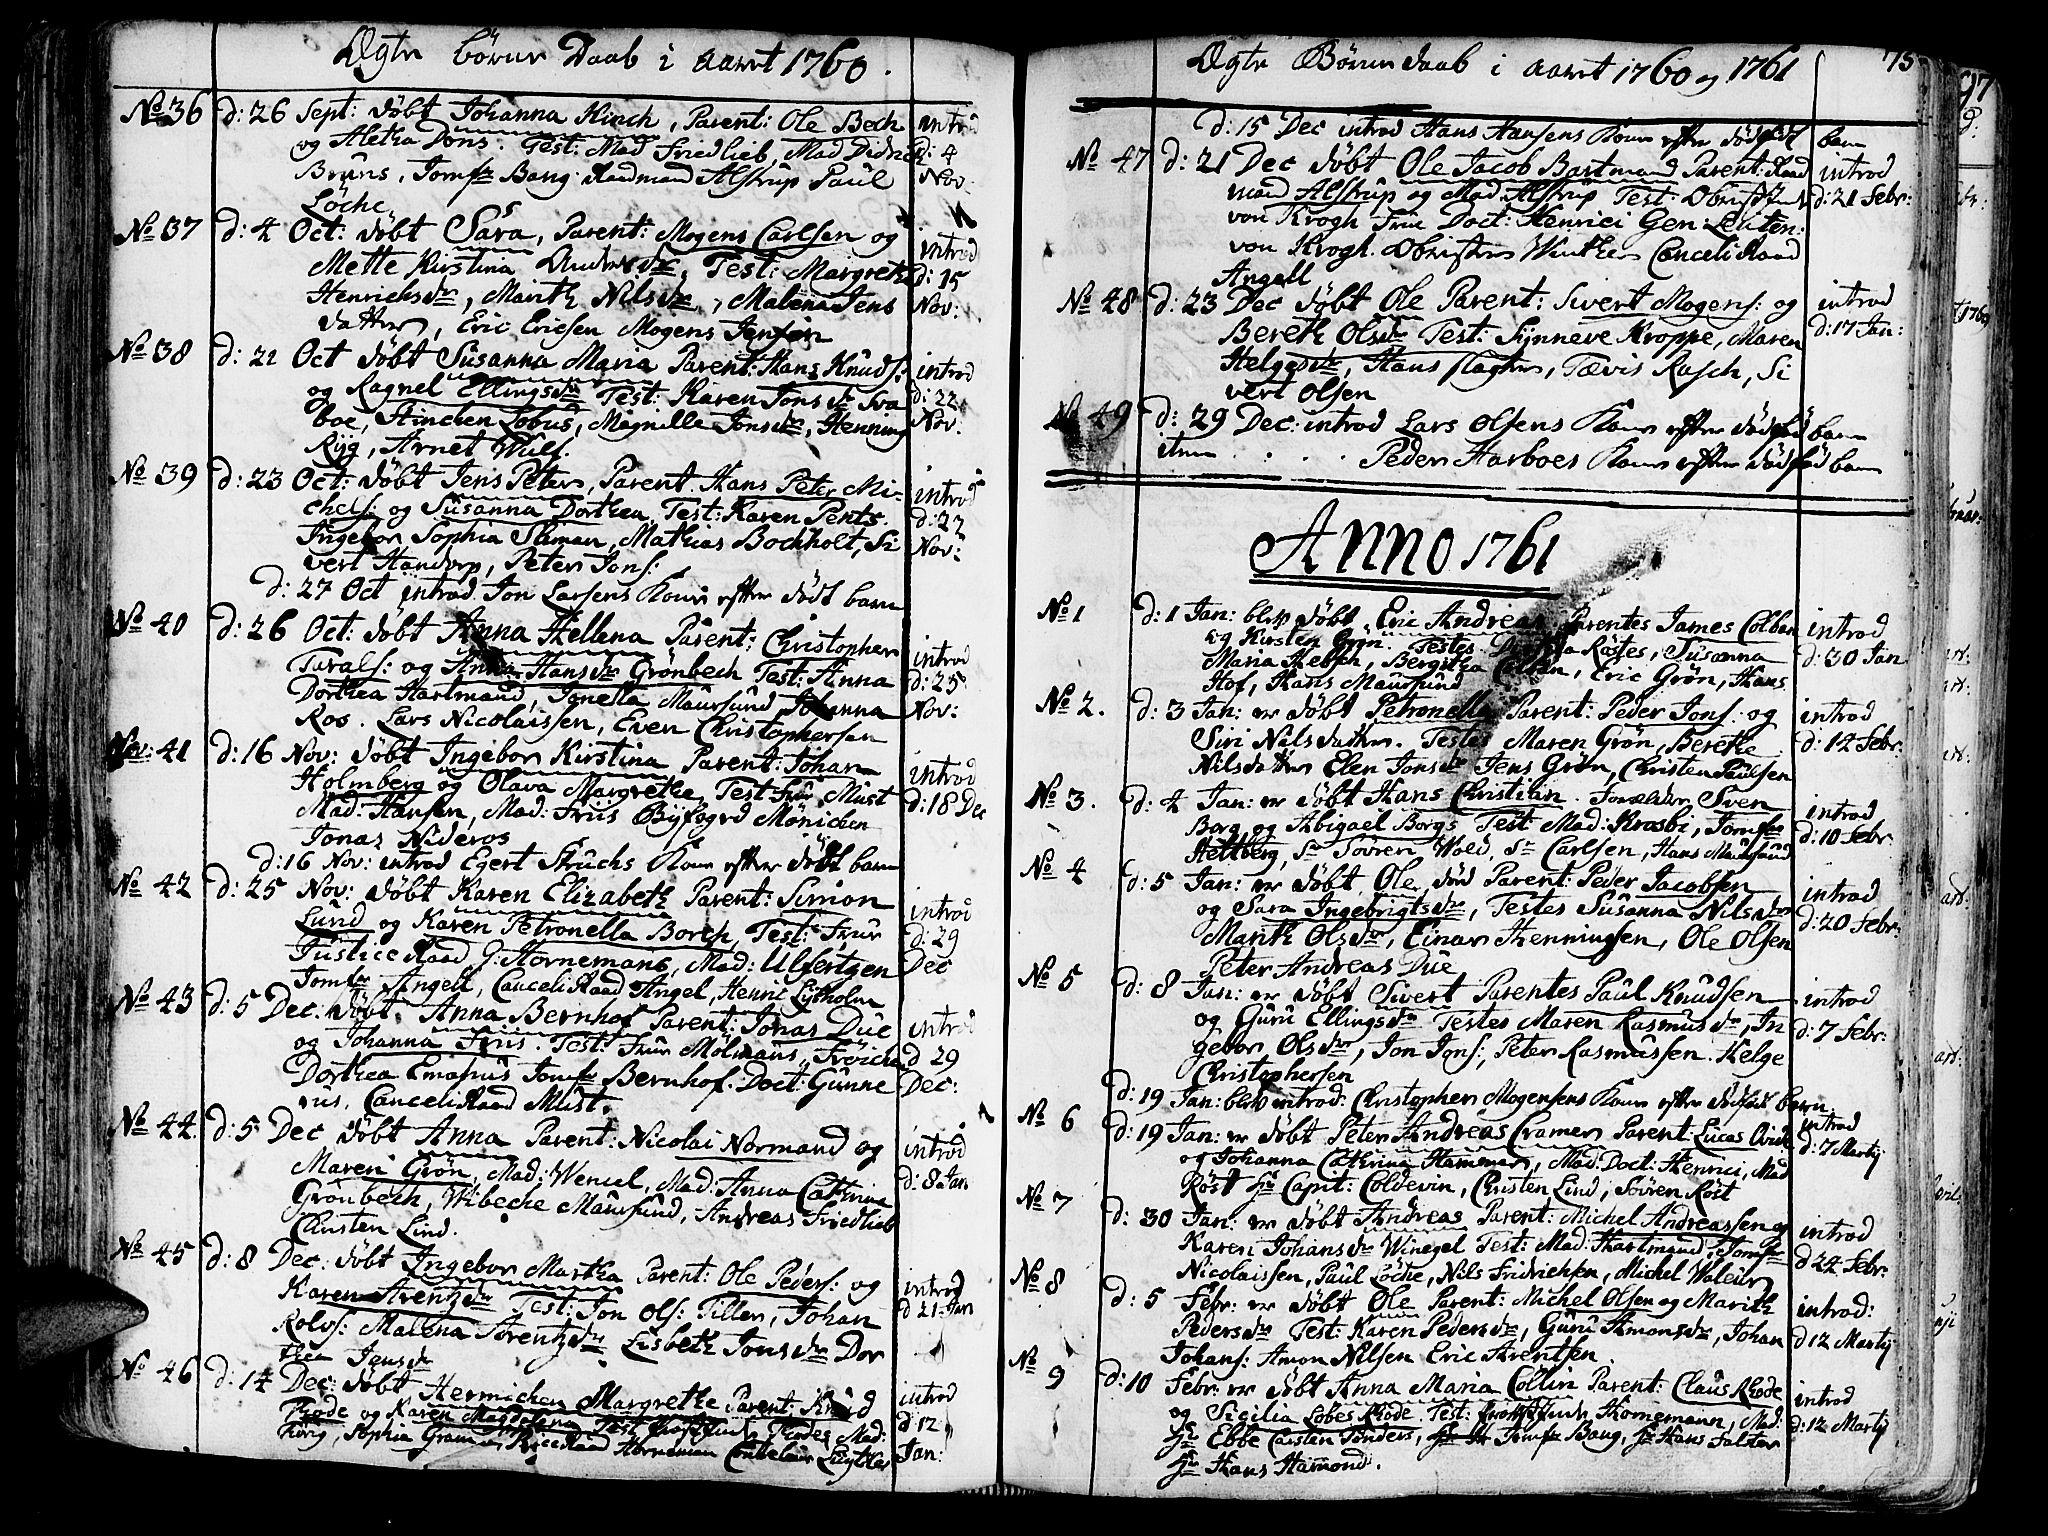 SAT, Ministerialprotokoller, klokkerbøker og fødselsregistre - Sør-Trøndelag, 602/L0103: Ministerialbok nr. 602A01, 1732-1774, s. 75